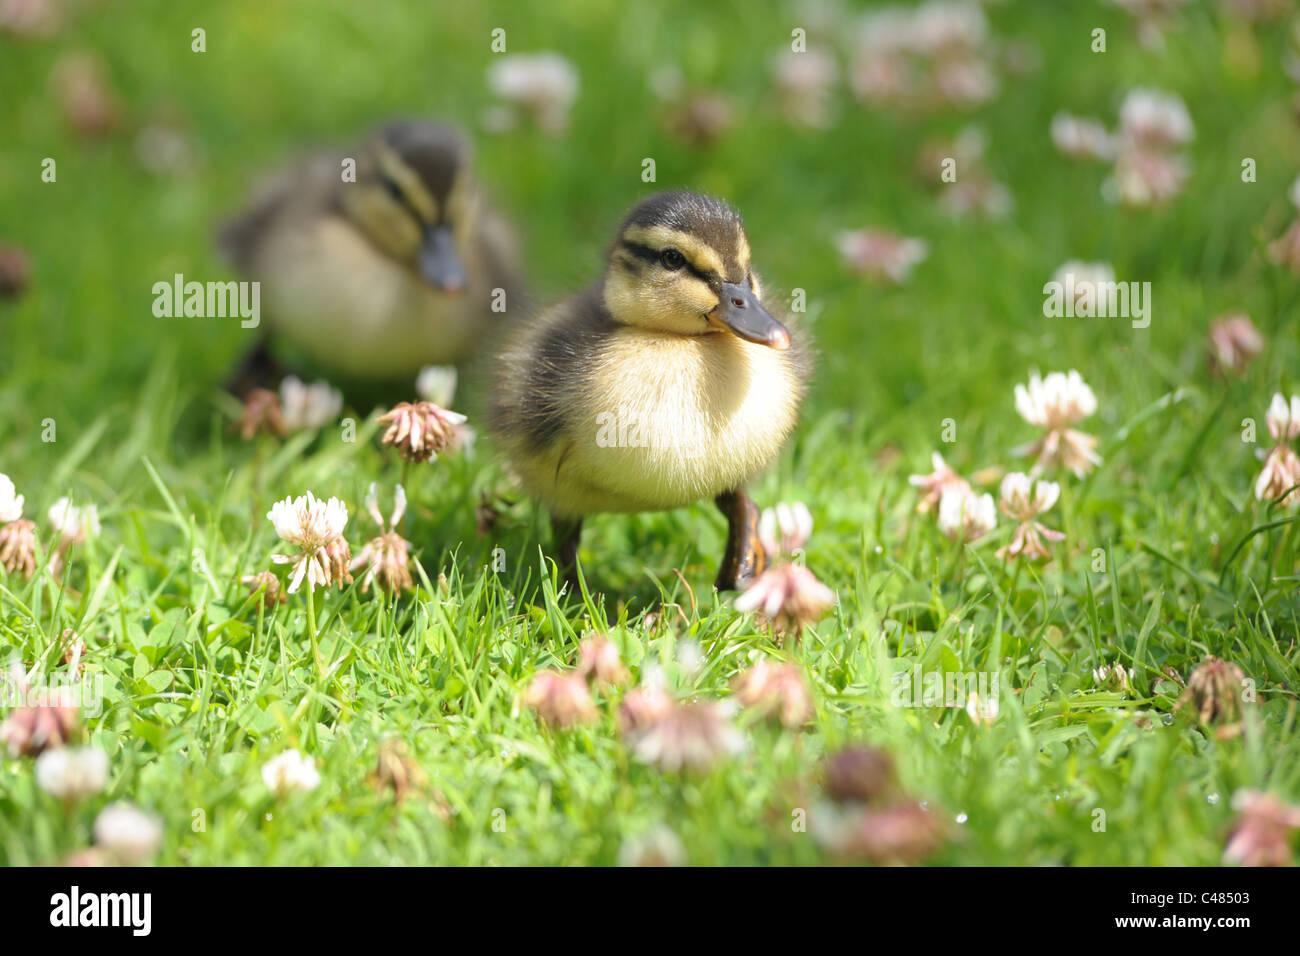 Un primer plano de un par de patitos bebé lindo, caminar a través de la hierba.... Imagen De Stock